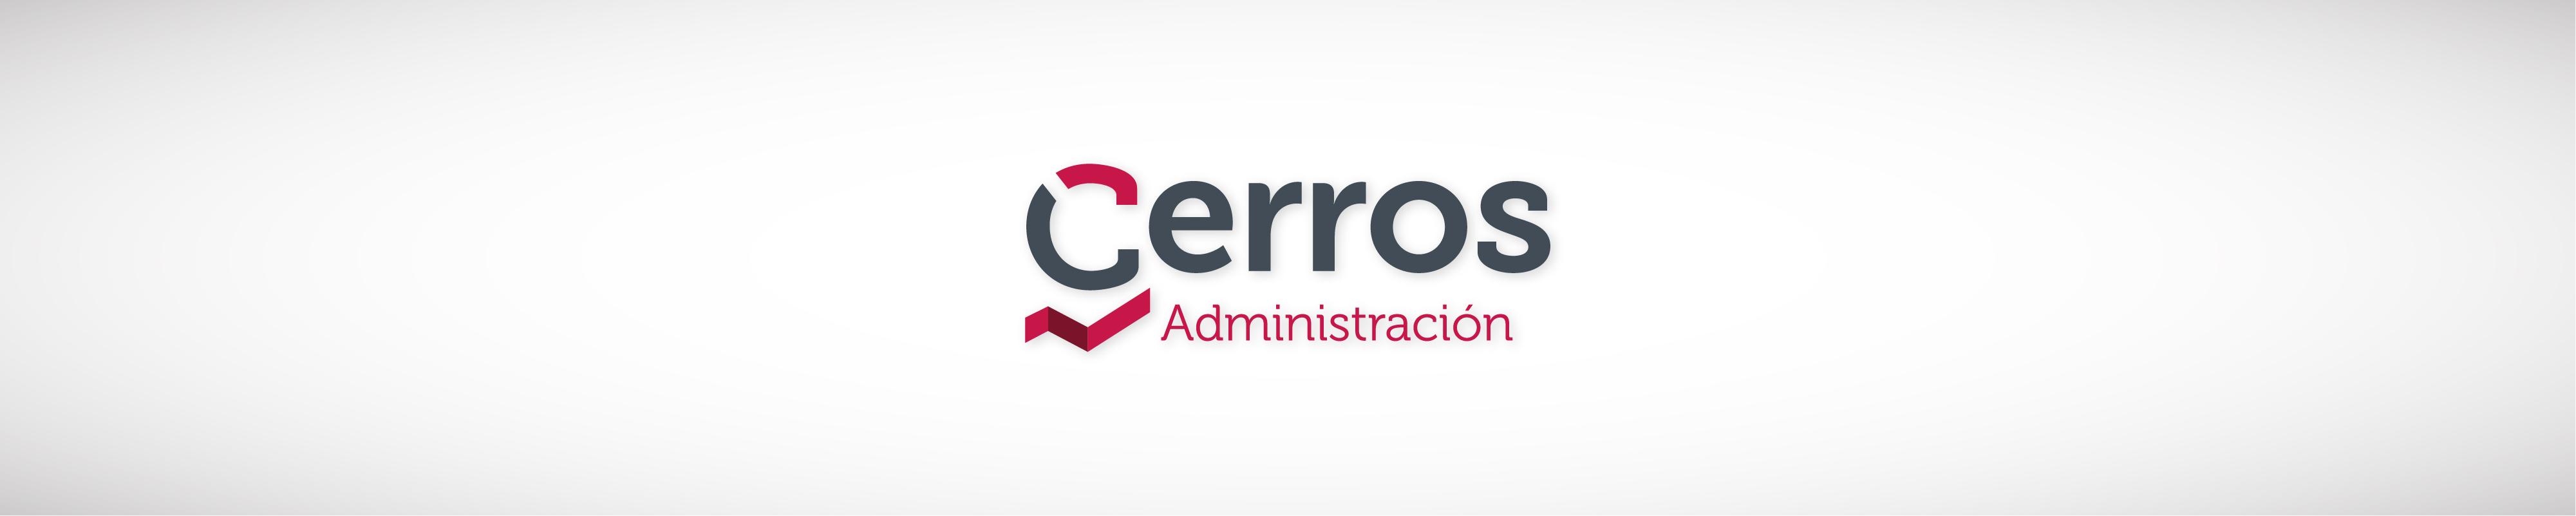 Logotipo Cerros administración